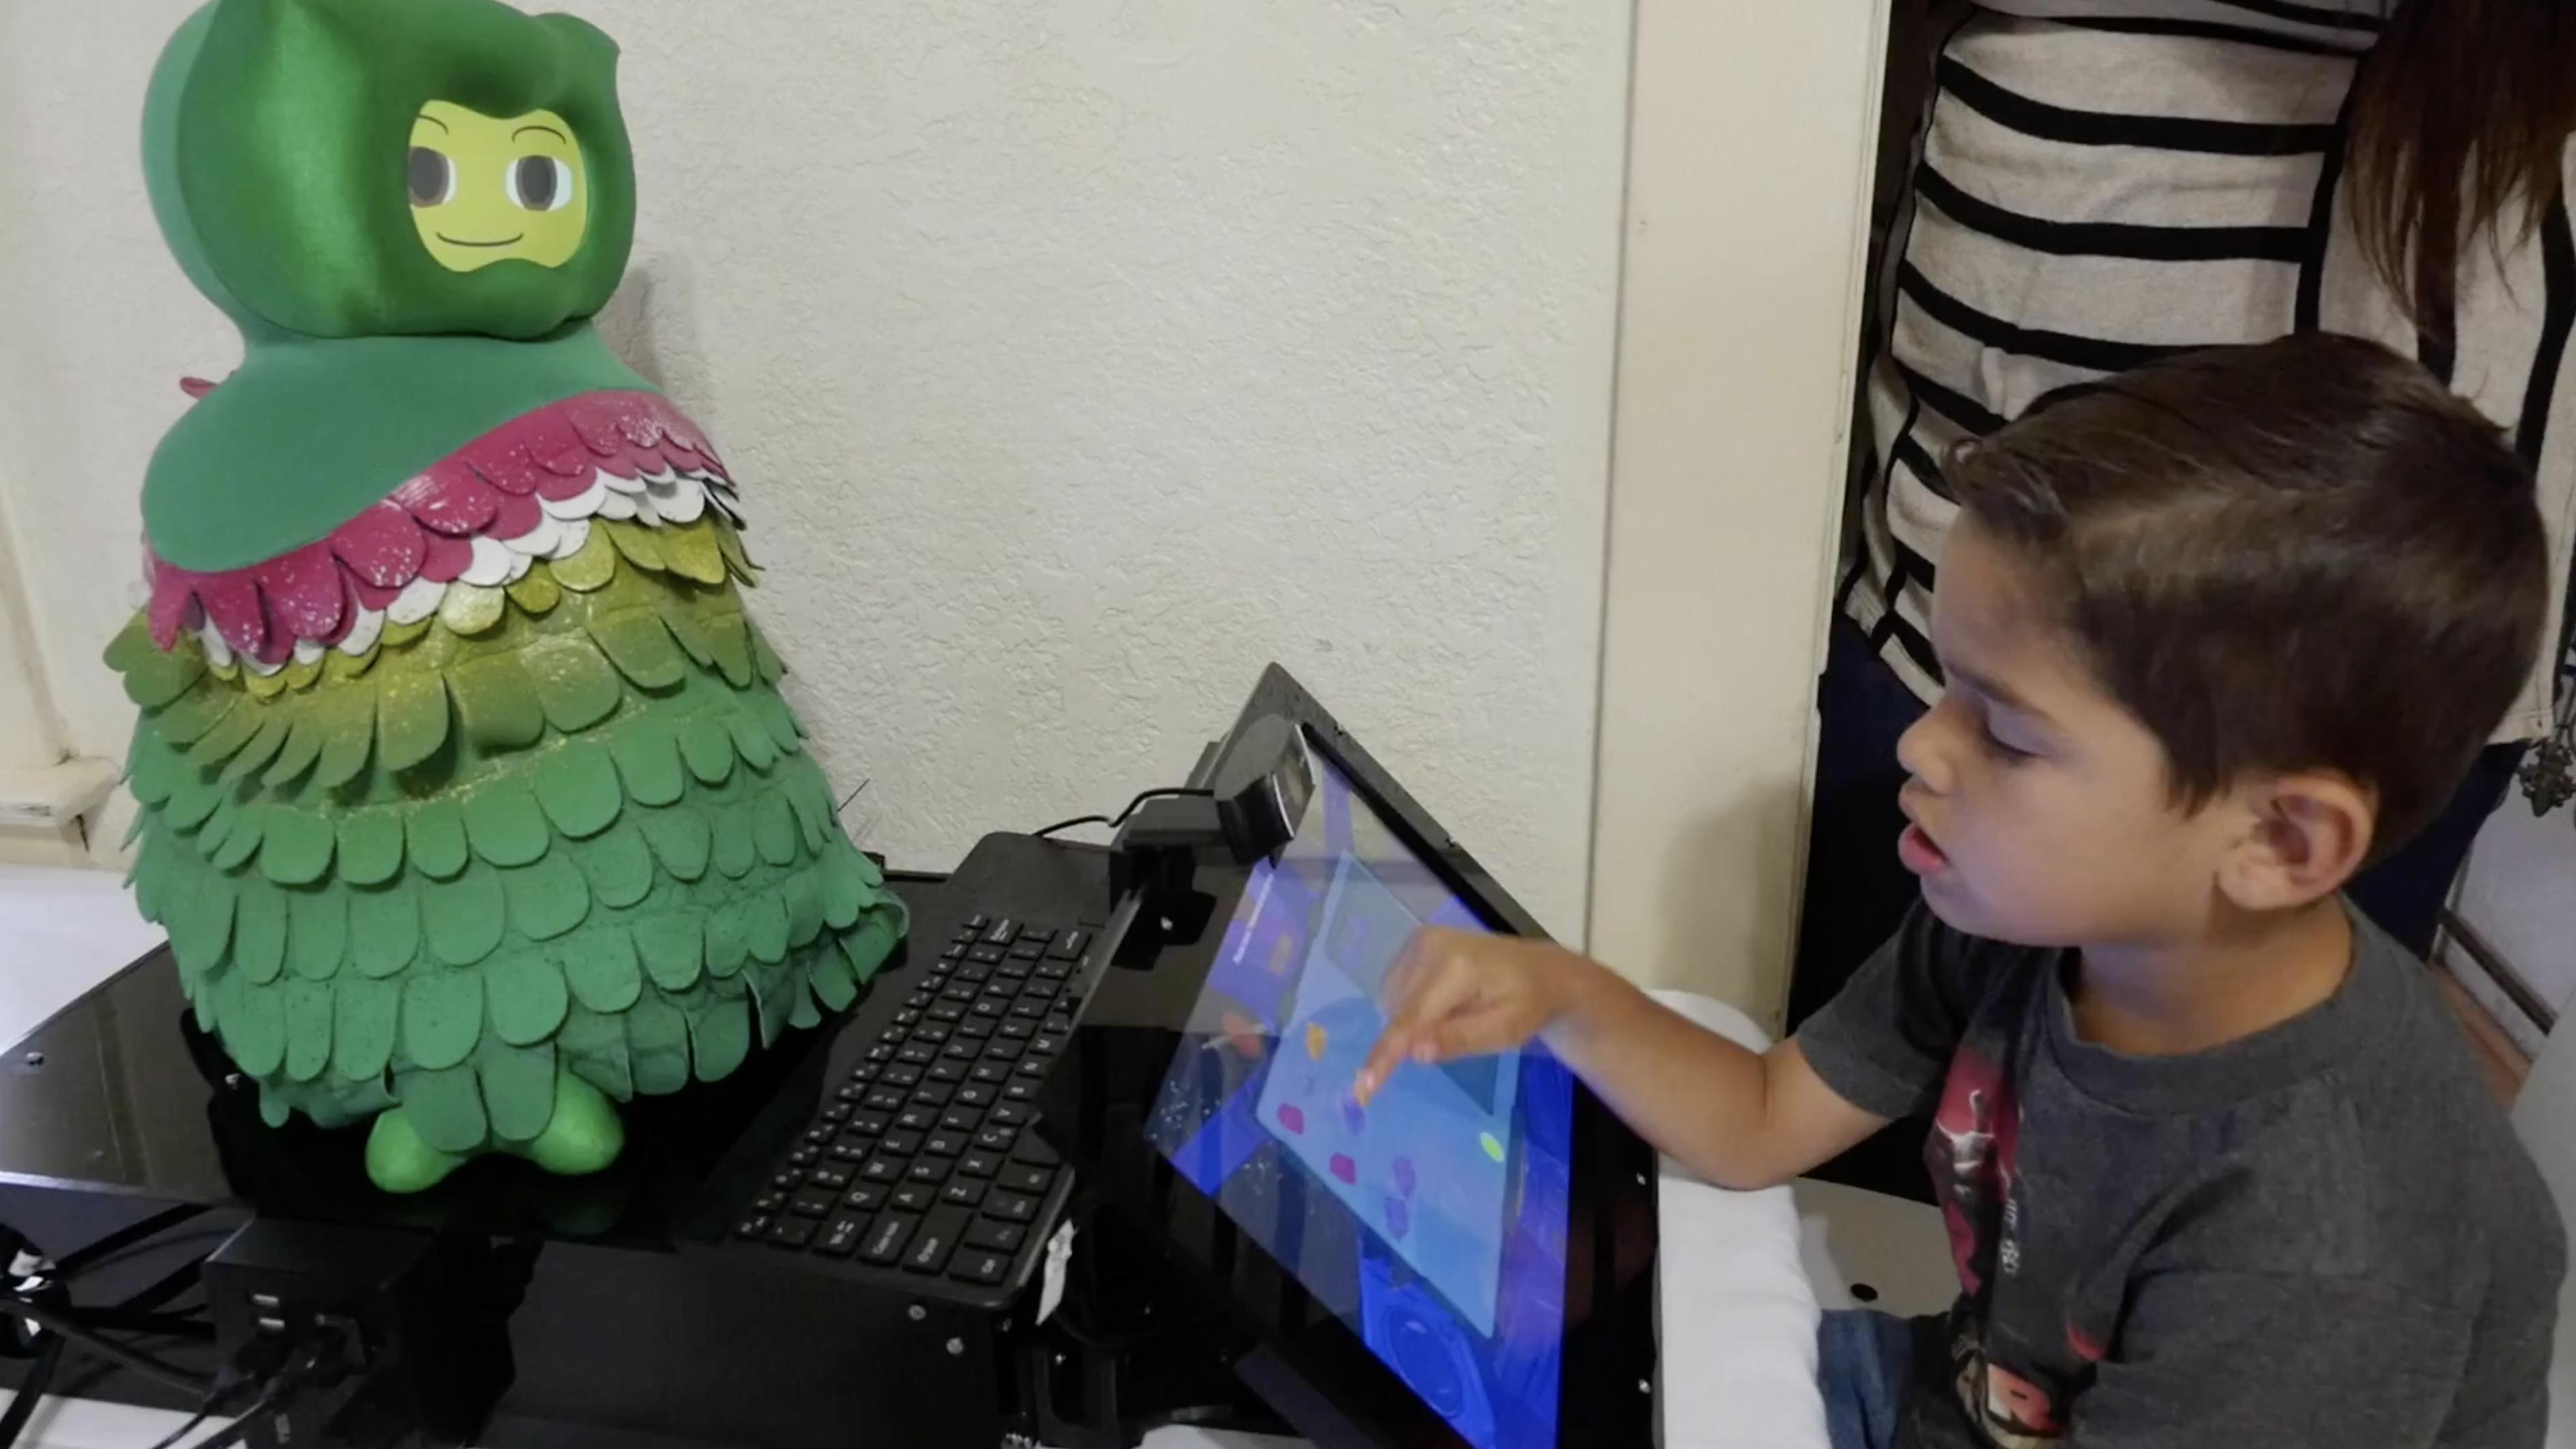 自閉傾向の子どもの発達を個別支援、USCが新ロボット